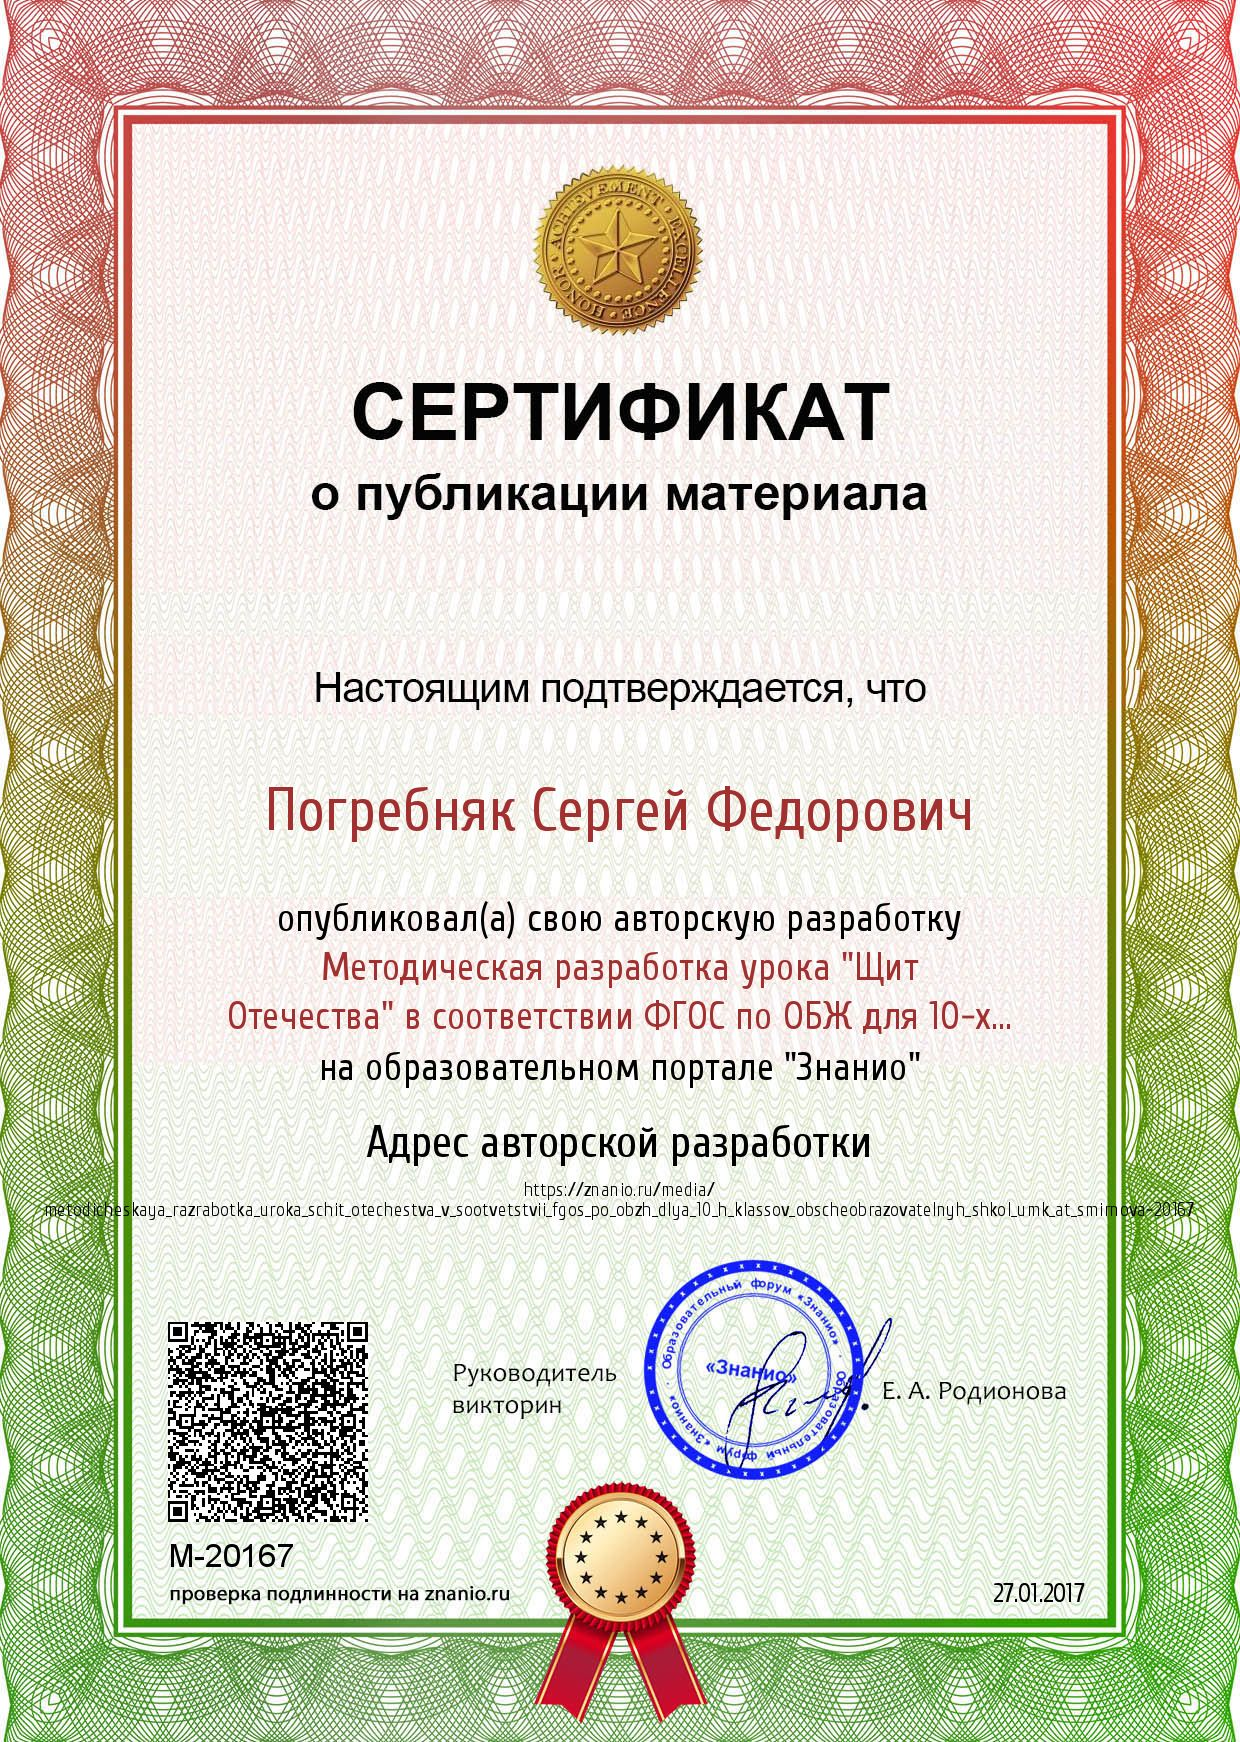 Certificate_metodicheskaya_razrabotka_uroka_schit_otechestva_v_sootvetstvii_fgos_po_obzh_dlya_10_h_klassov_obscheobrazovatelnyh_shkol_umk_at_smirnova.jpg